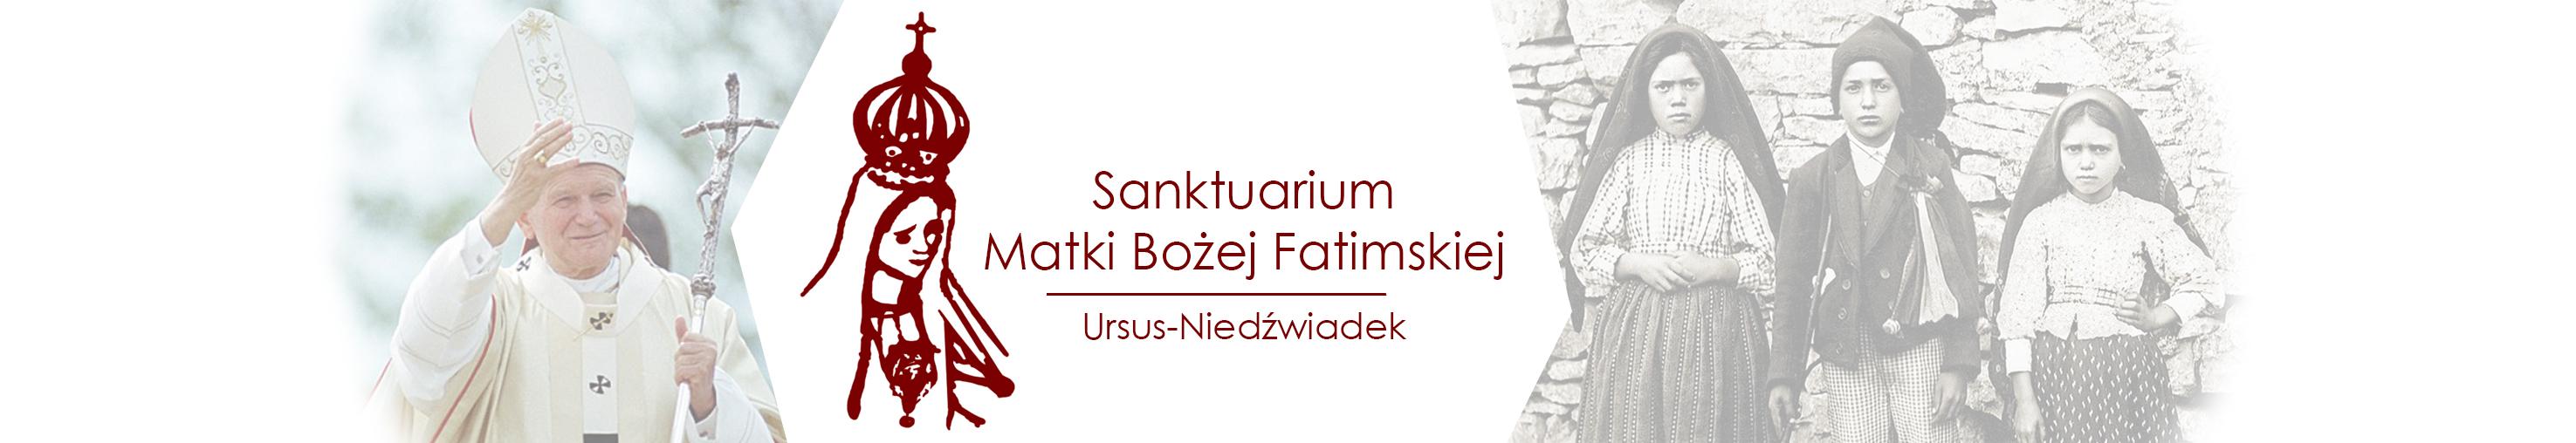 Sanktuarium Matki Bożej Fatimskiej w Warszawie